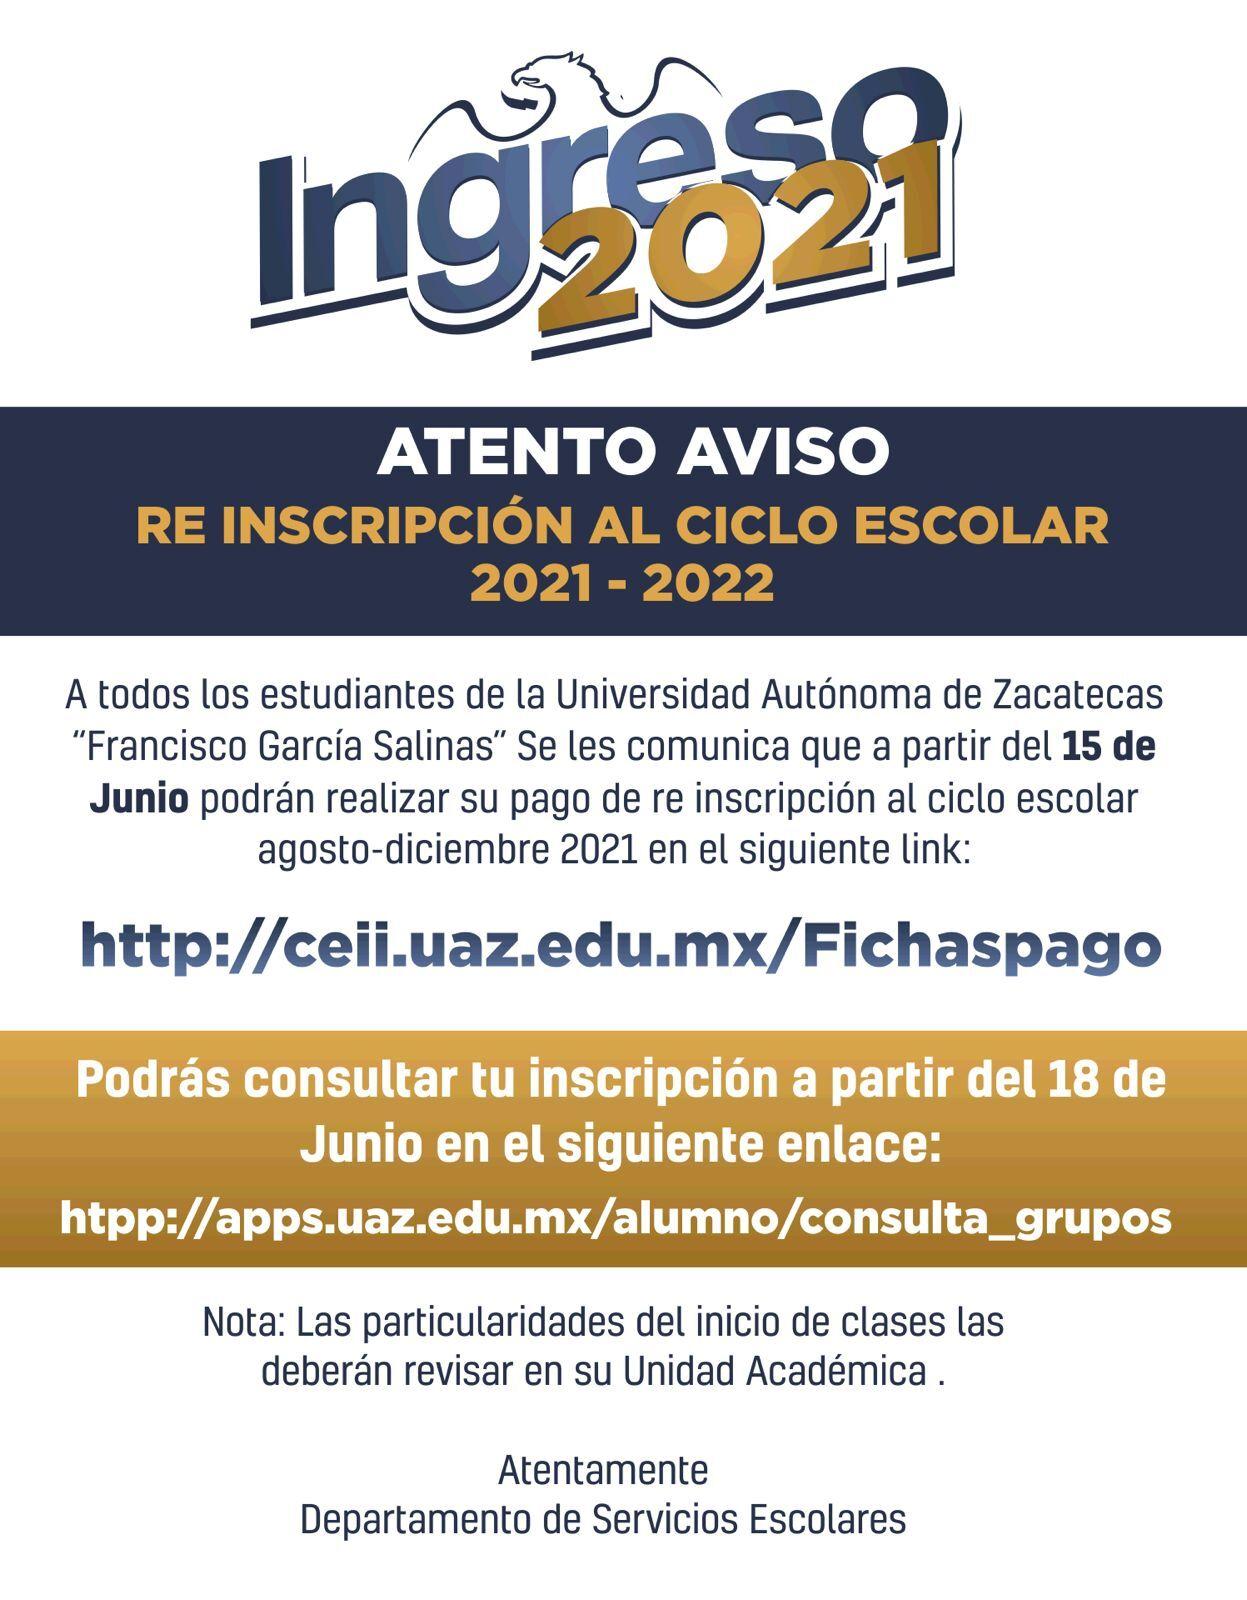 re inscripción ciclo escolar 2021 - 2022